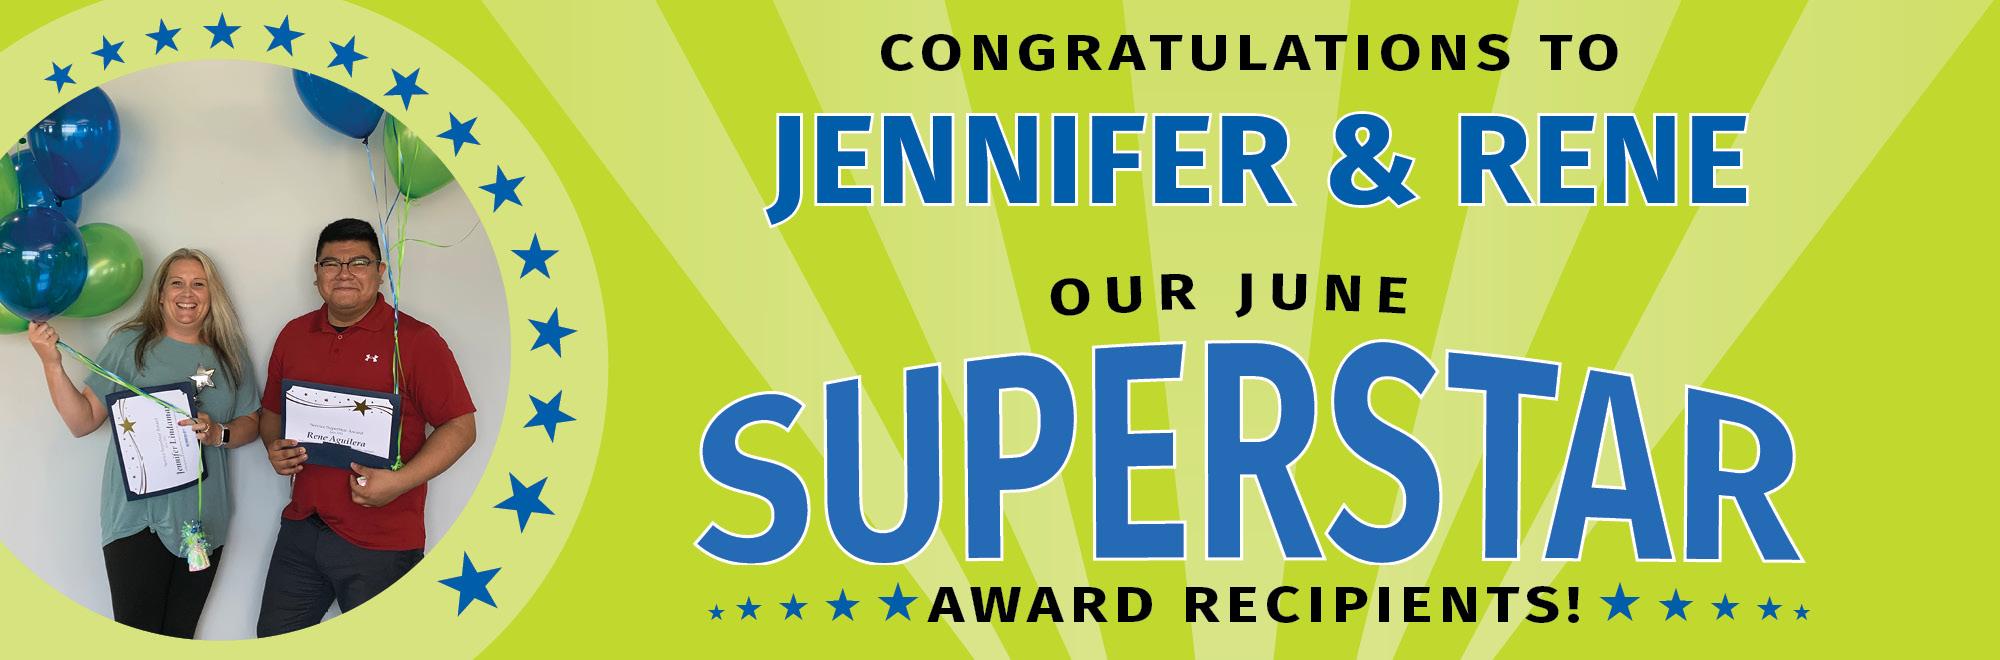 Congratulations to Jennifer & Rene, our June Superstar award recipients!